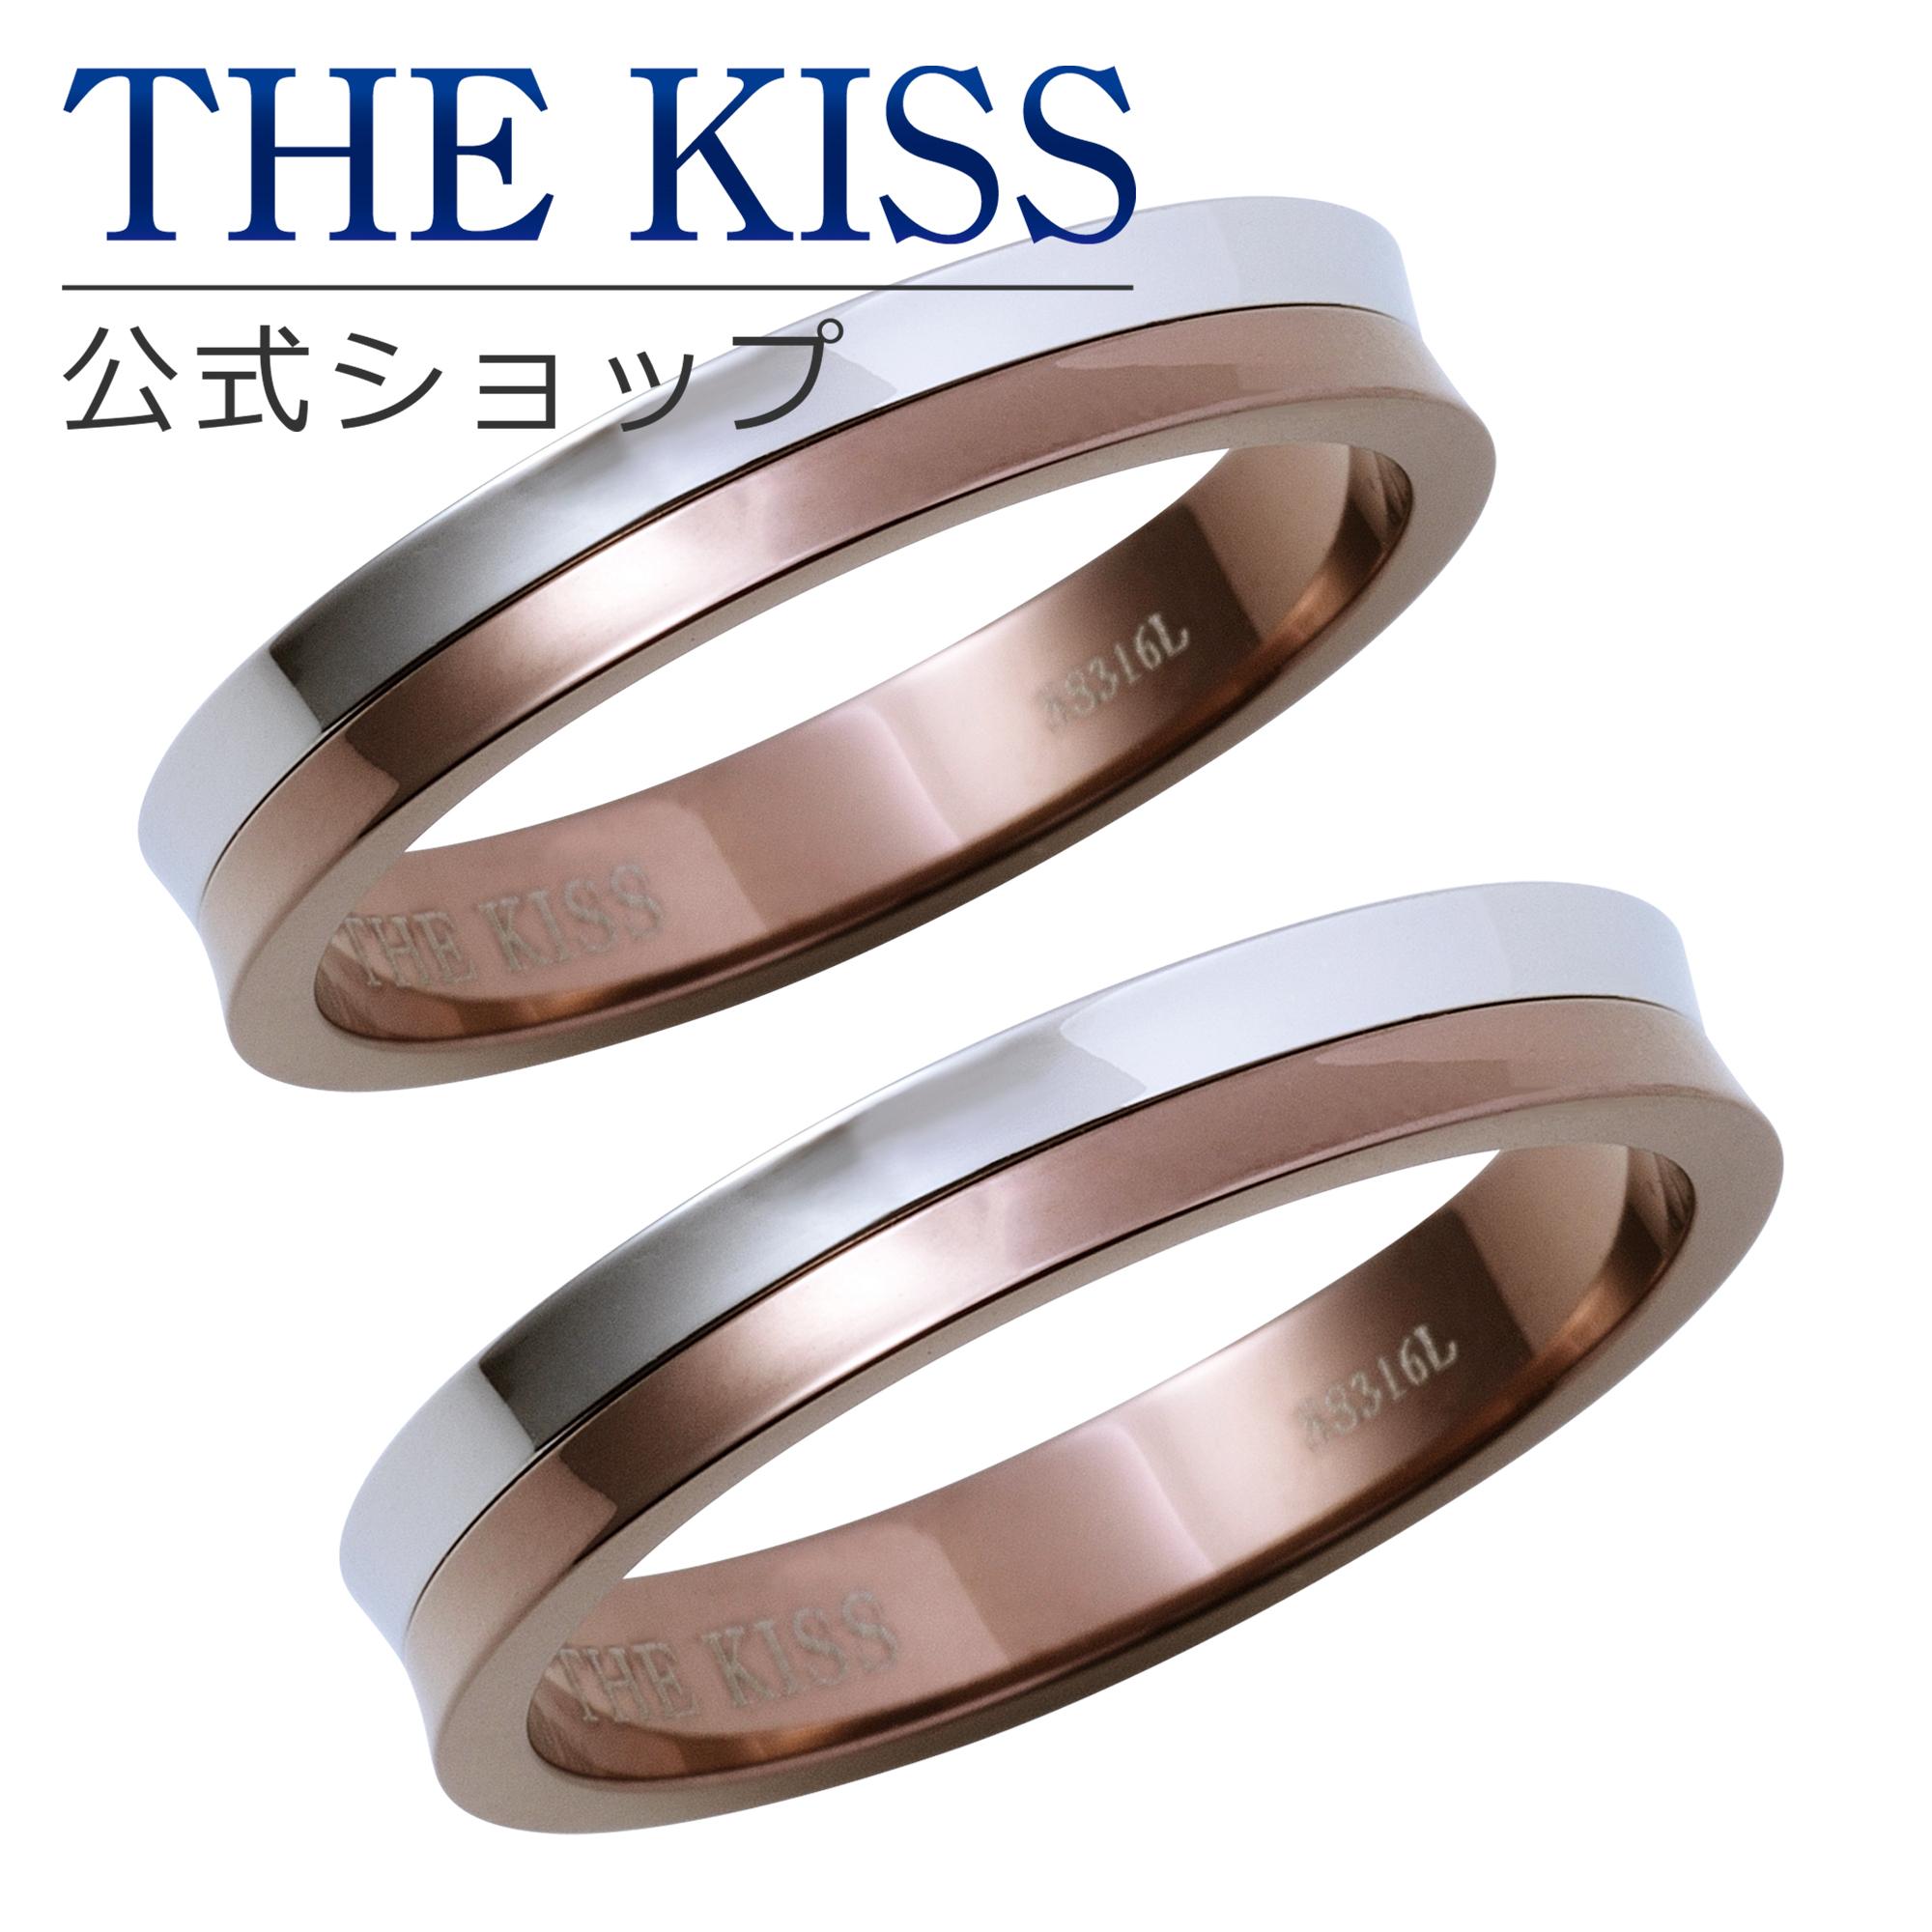 【あす楽対応】THE KISS 公式サイト シルバー ペアリング ペアアクセサリー カップル に 人気 の ジュエリーブランド THEKISS ペア リング・指輪 記念日 プレゼント TR1027BR-P セット シンプル ザキス 【送料無料】